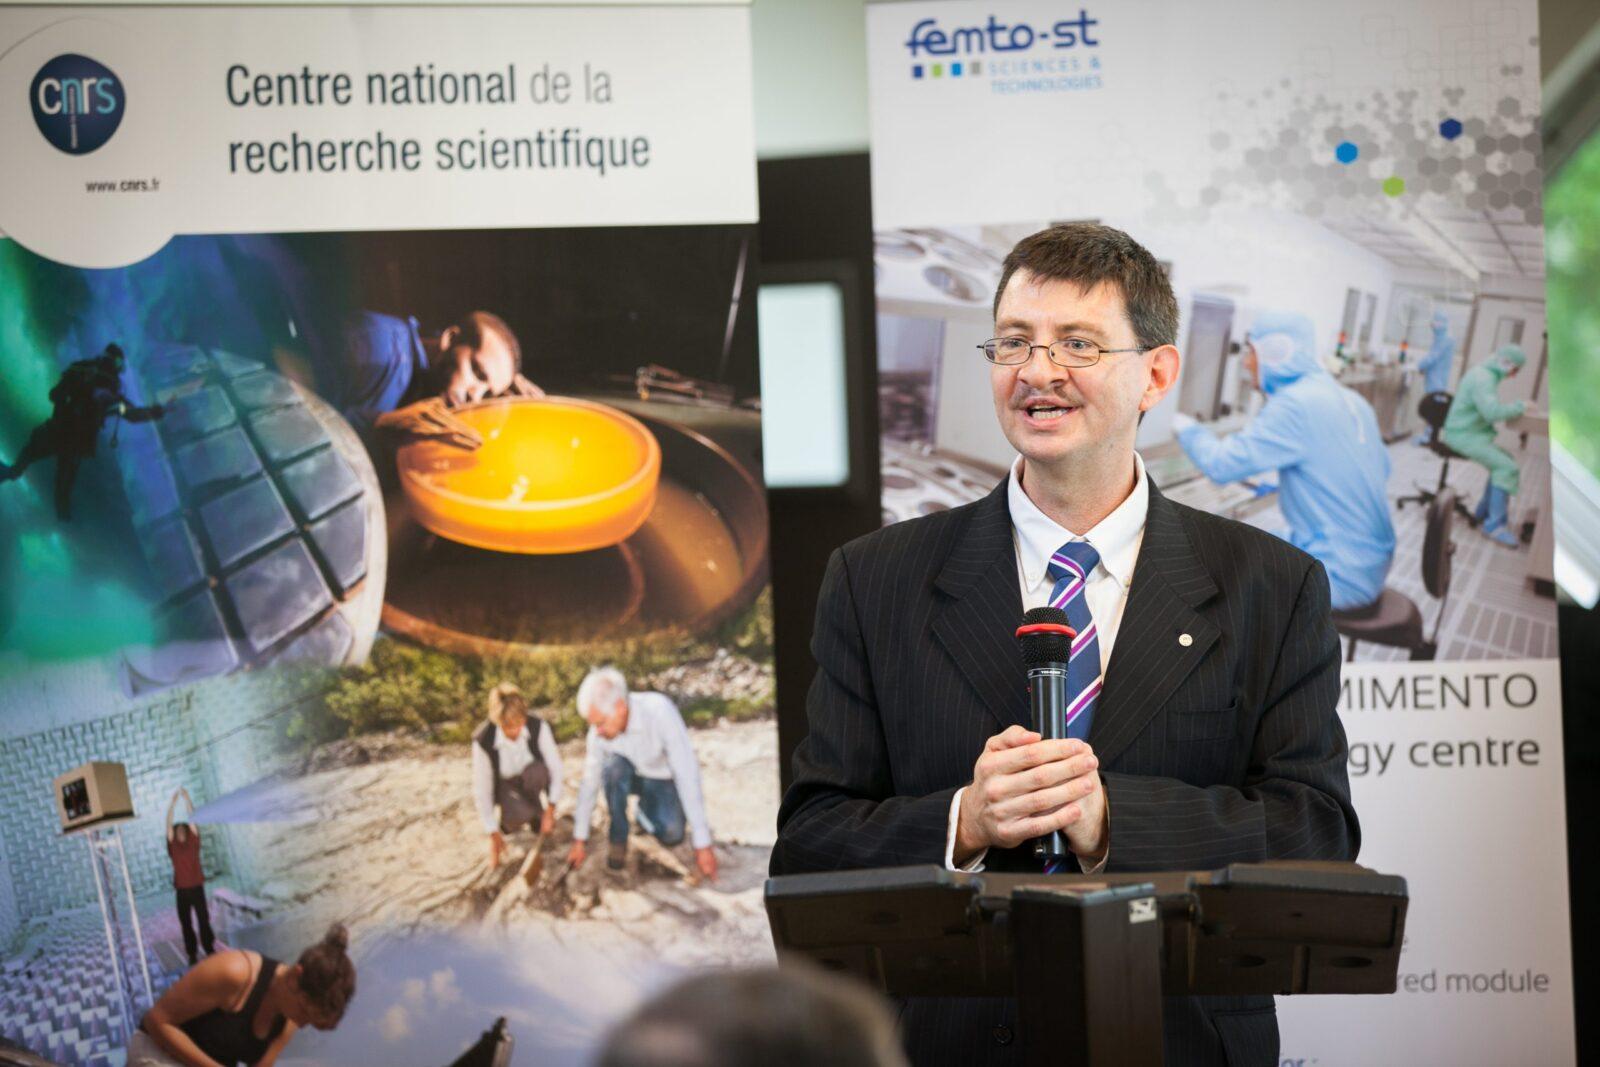 Cérémonie de remise de médaille d'arent (CNRS)